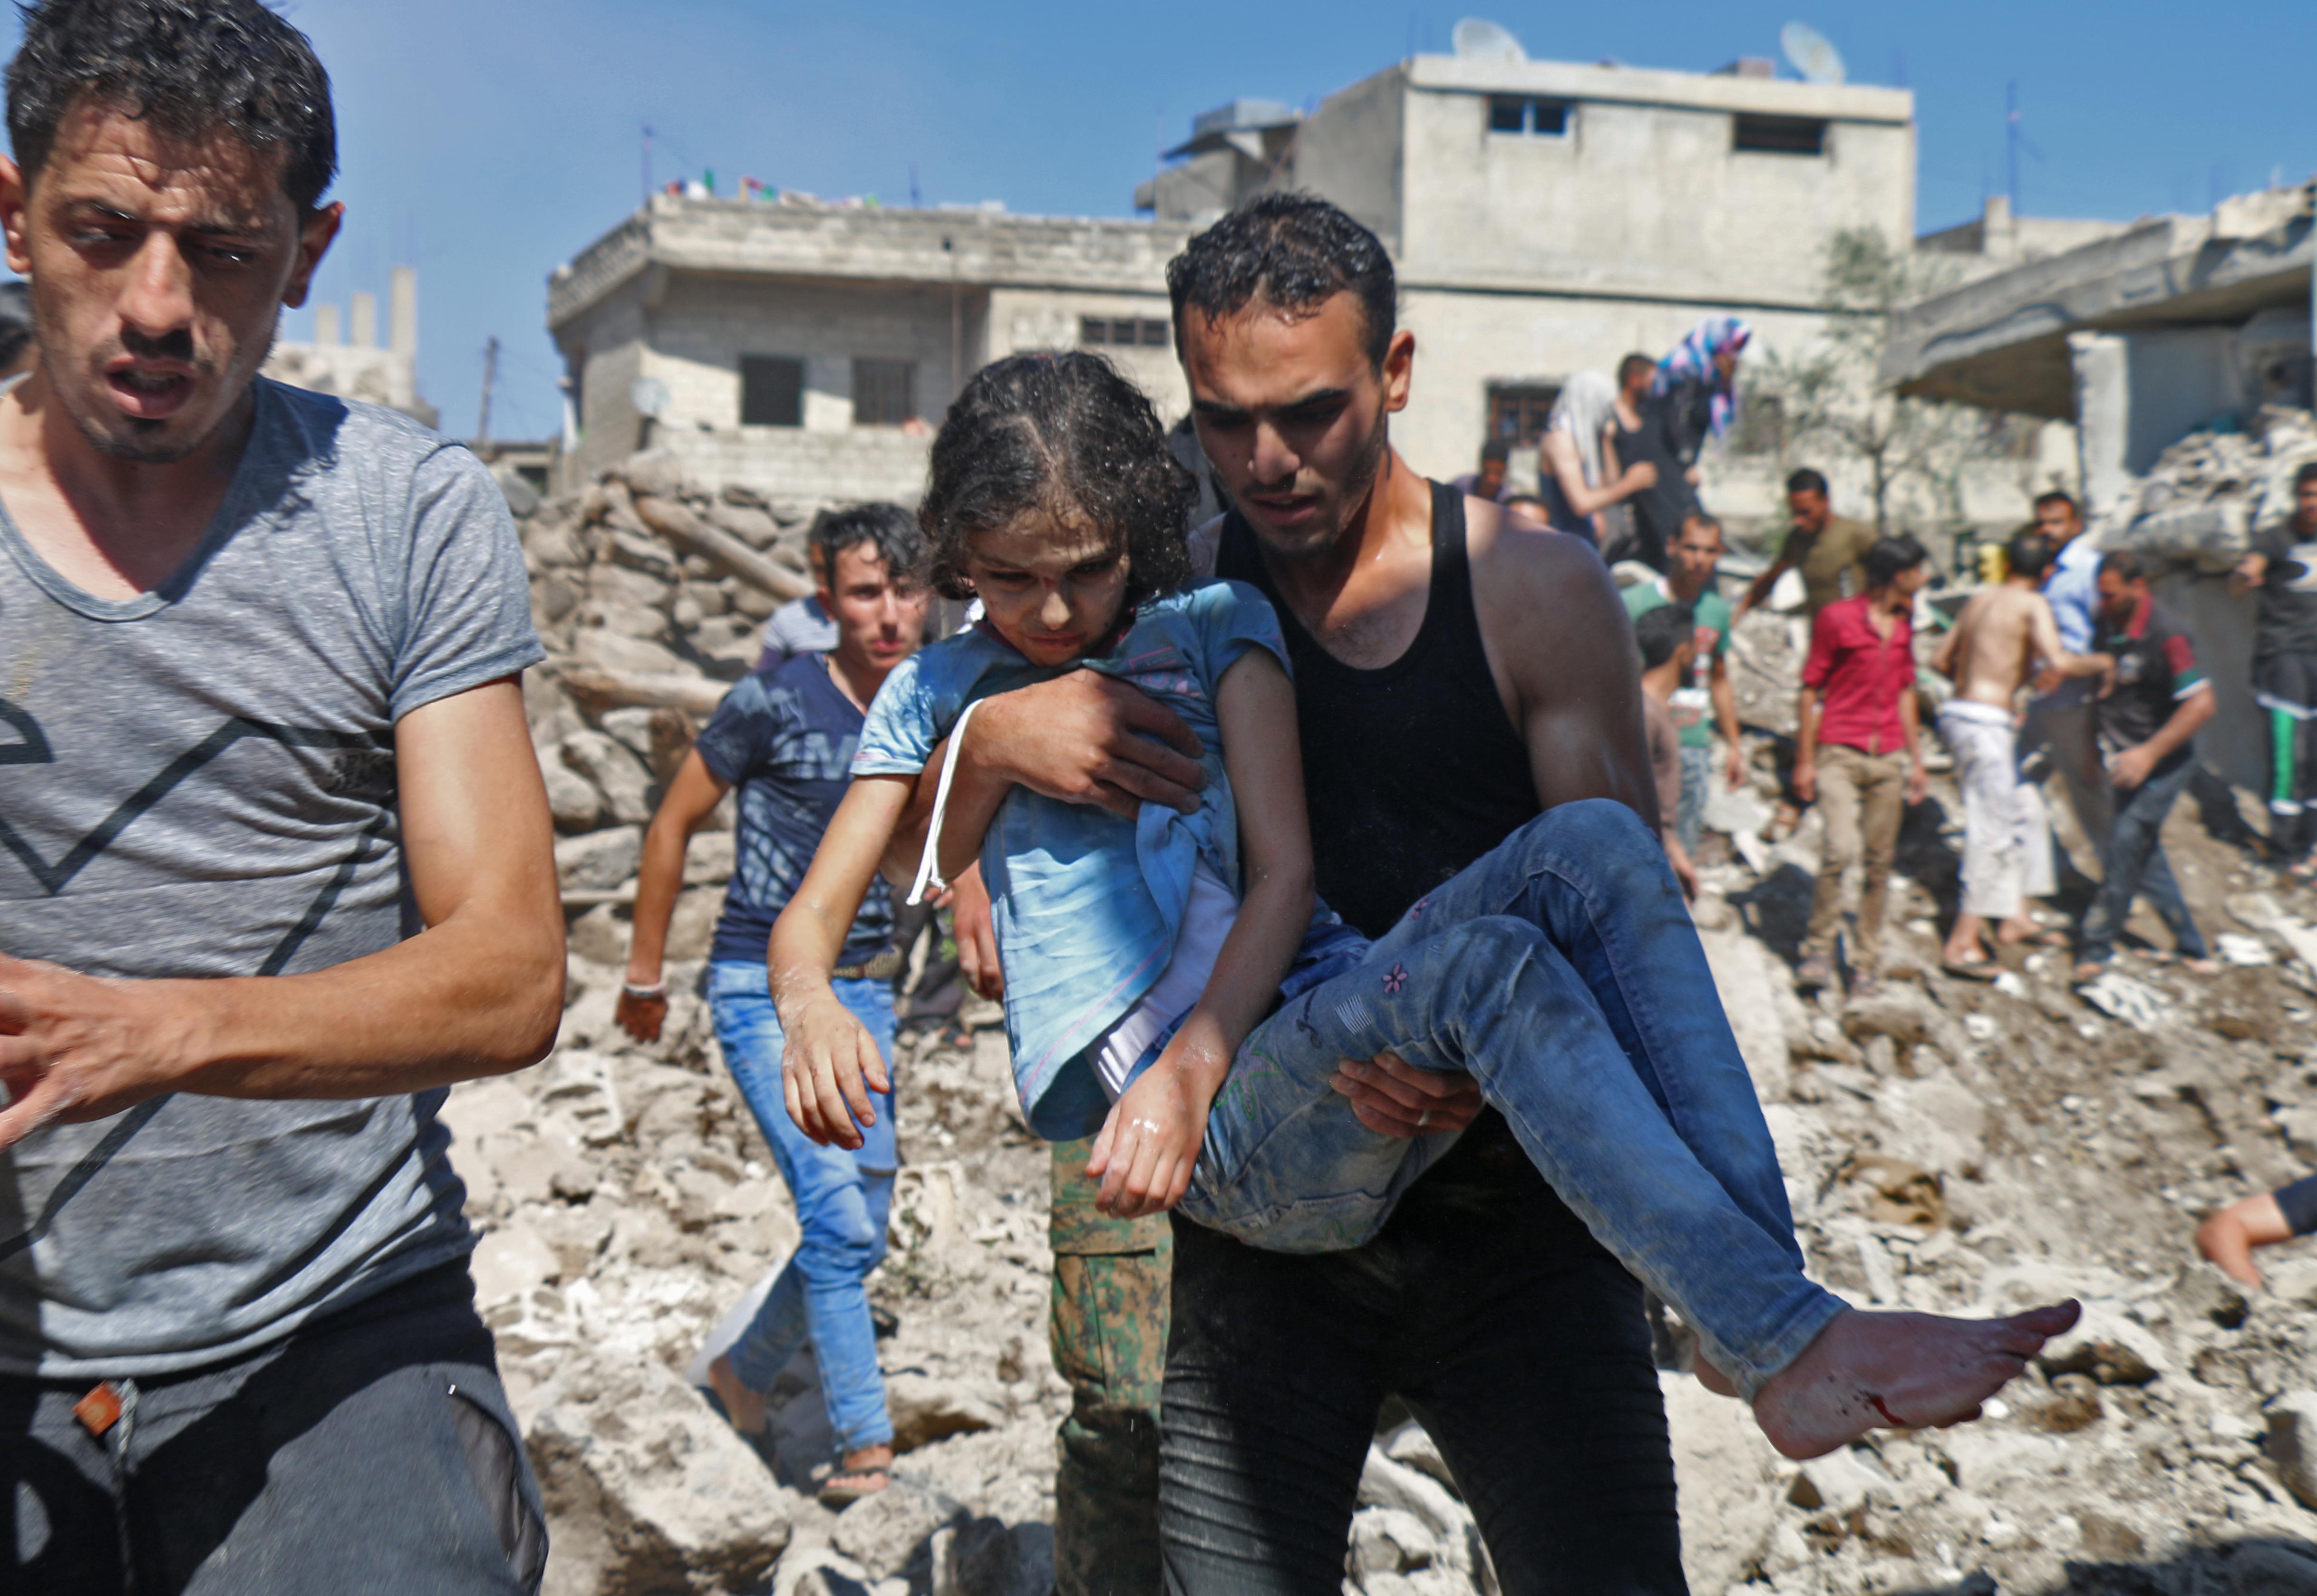 رجل يحمل طفلة في منطقة تعرضت لقصف روسي سوري قرب درعا